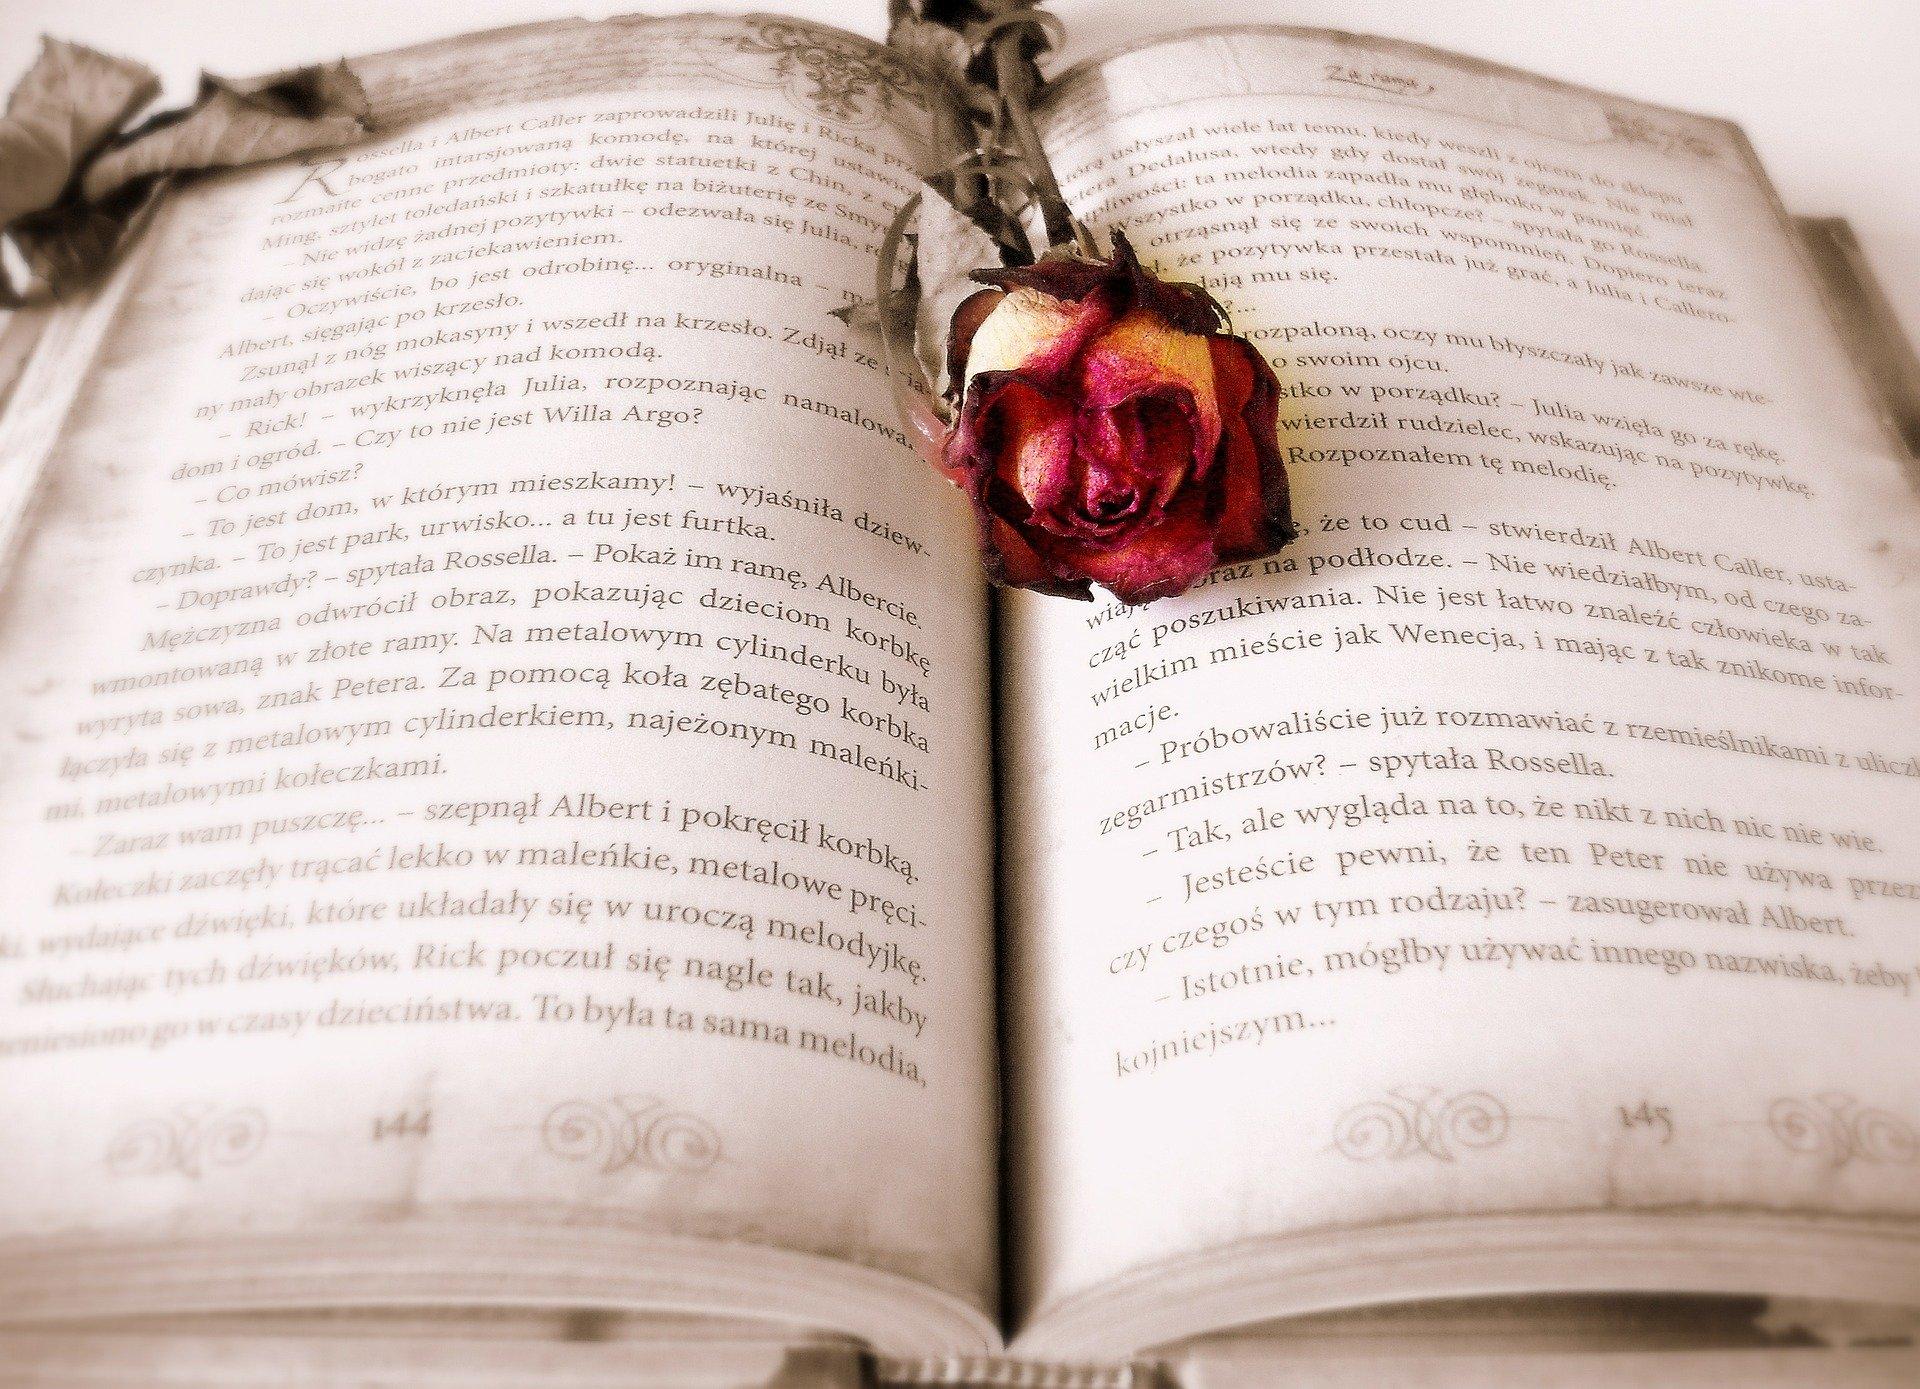 Releer libros que te gustaron el día del libro